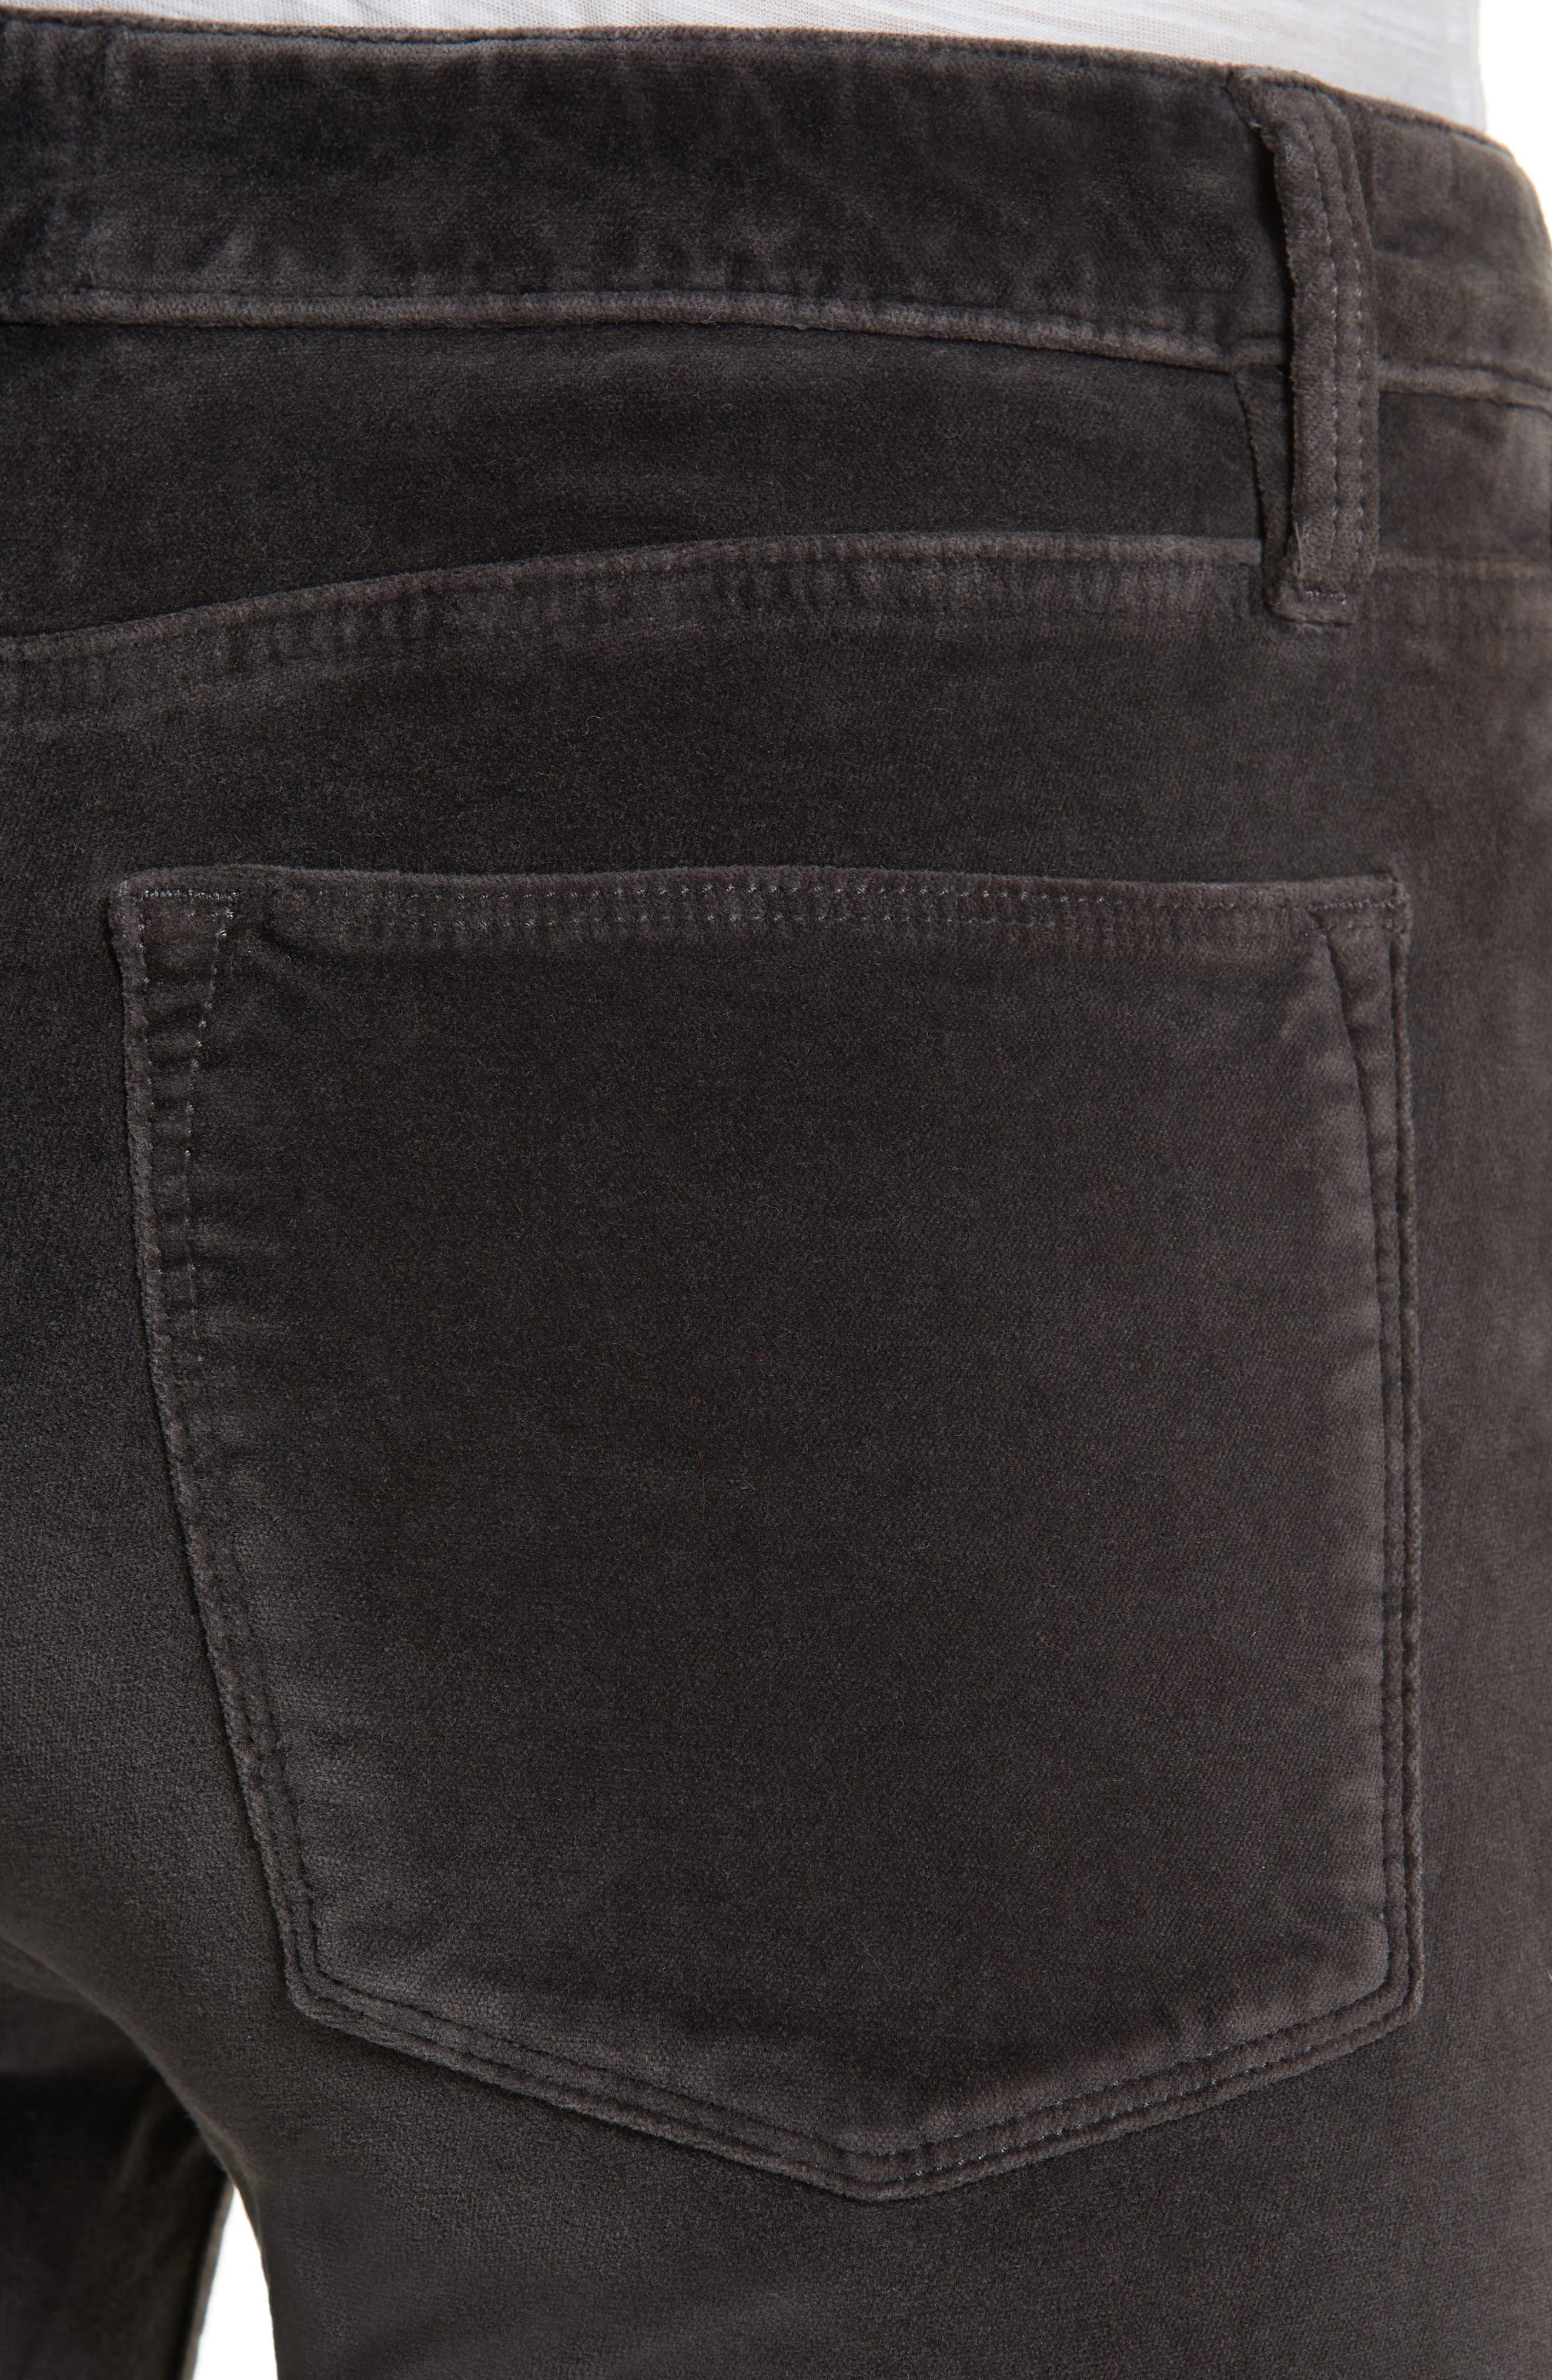 Velveteen High Waist Skinny Pants,                             Alternate thumbnail 7, color,